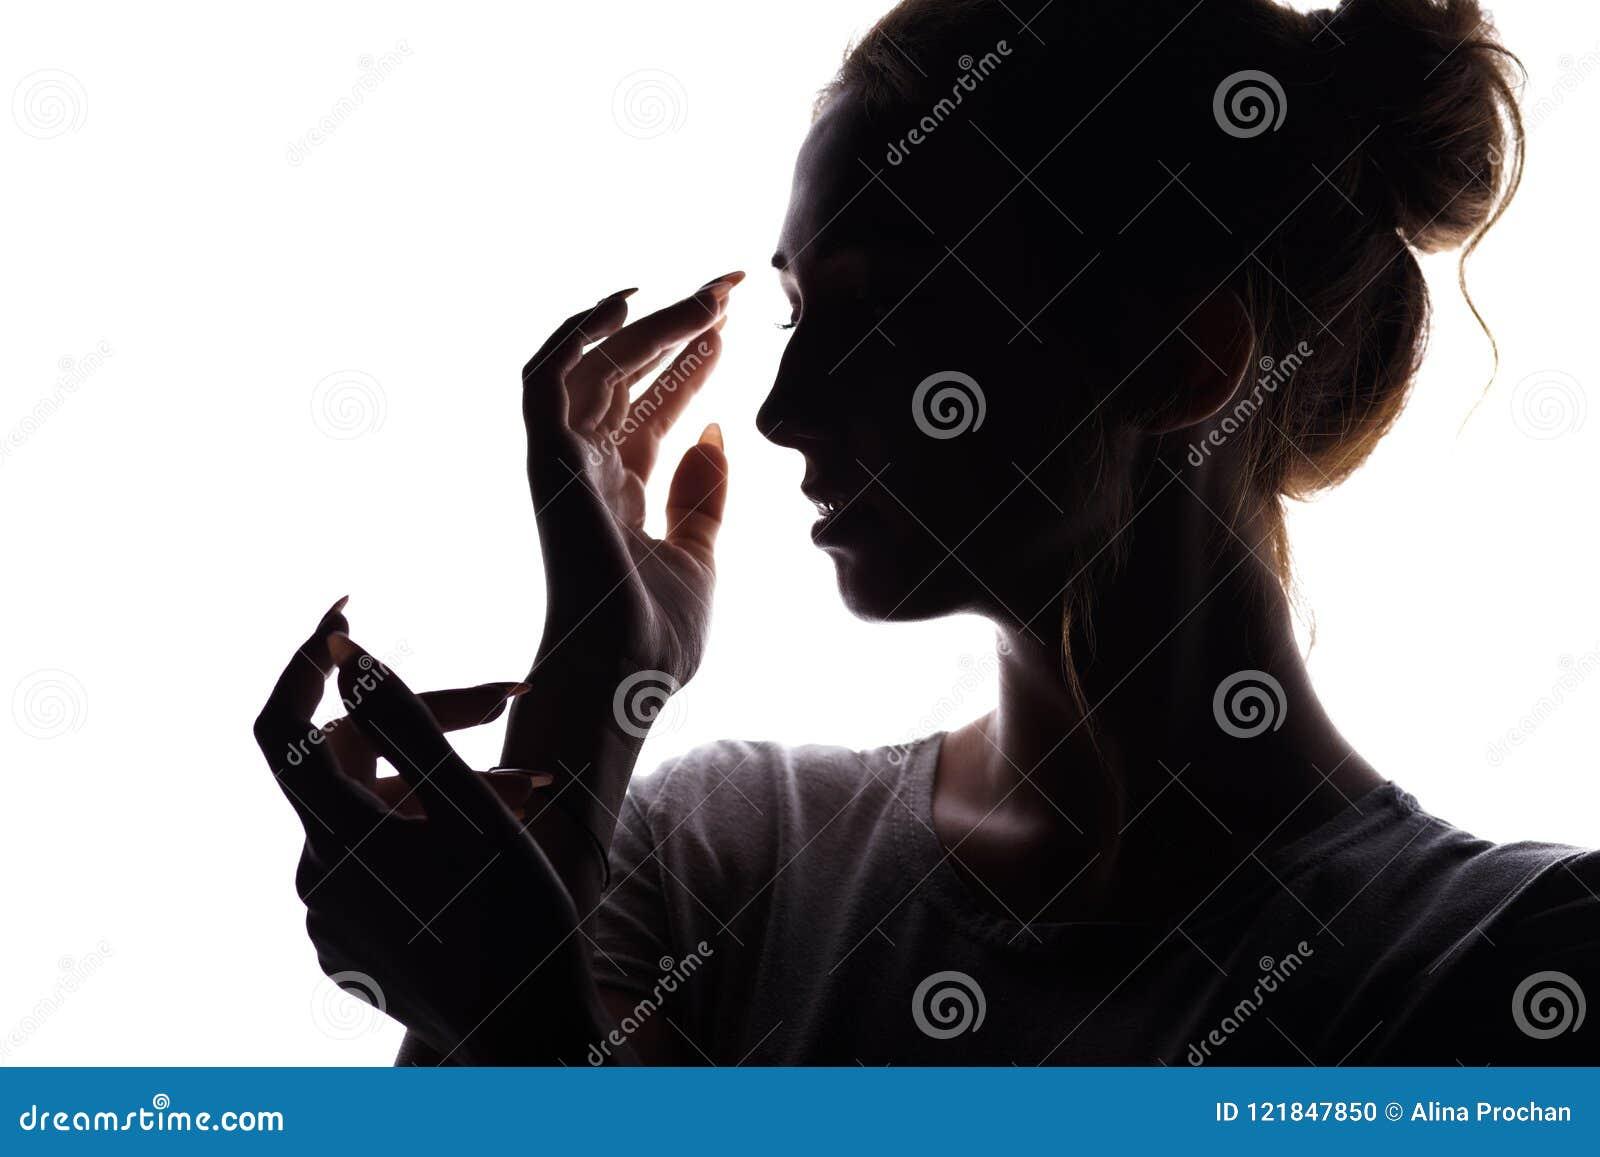 Silhouettieren Sie Porträt der Frau, Mädchengesicht auf Weiß lokalisiertem Hintergrund